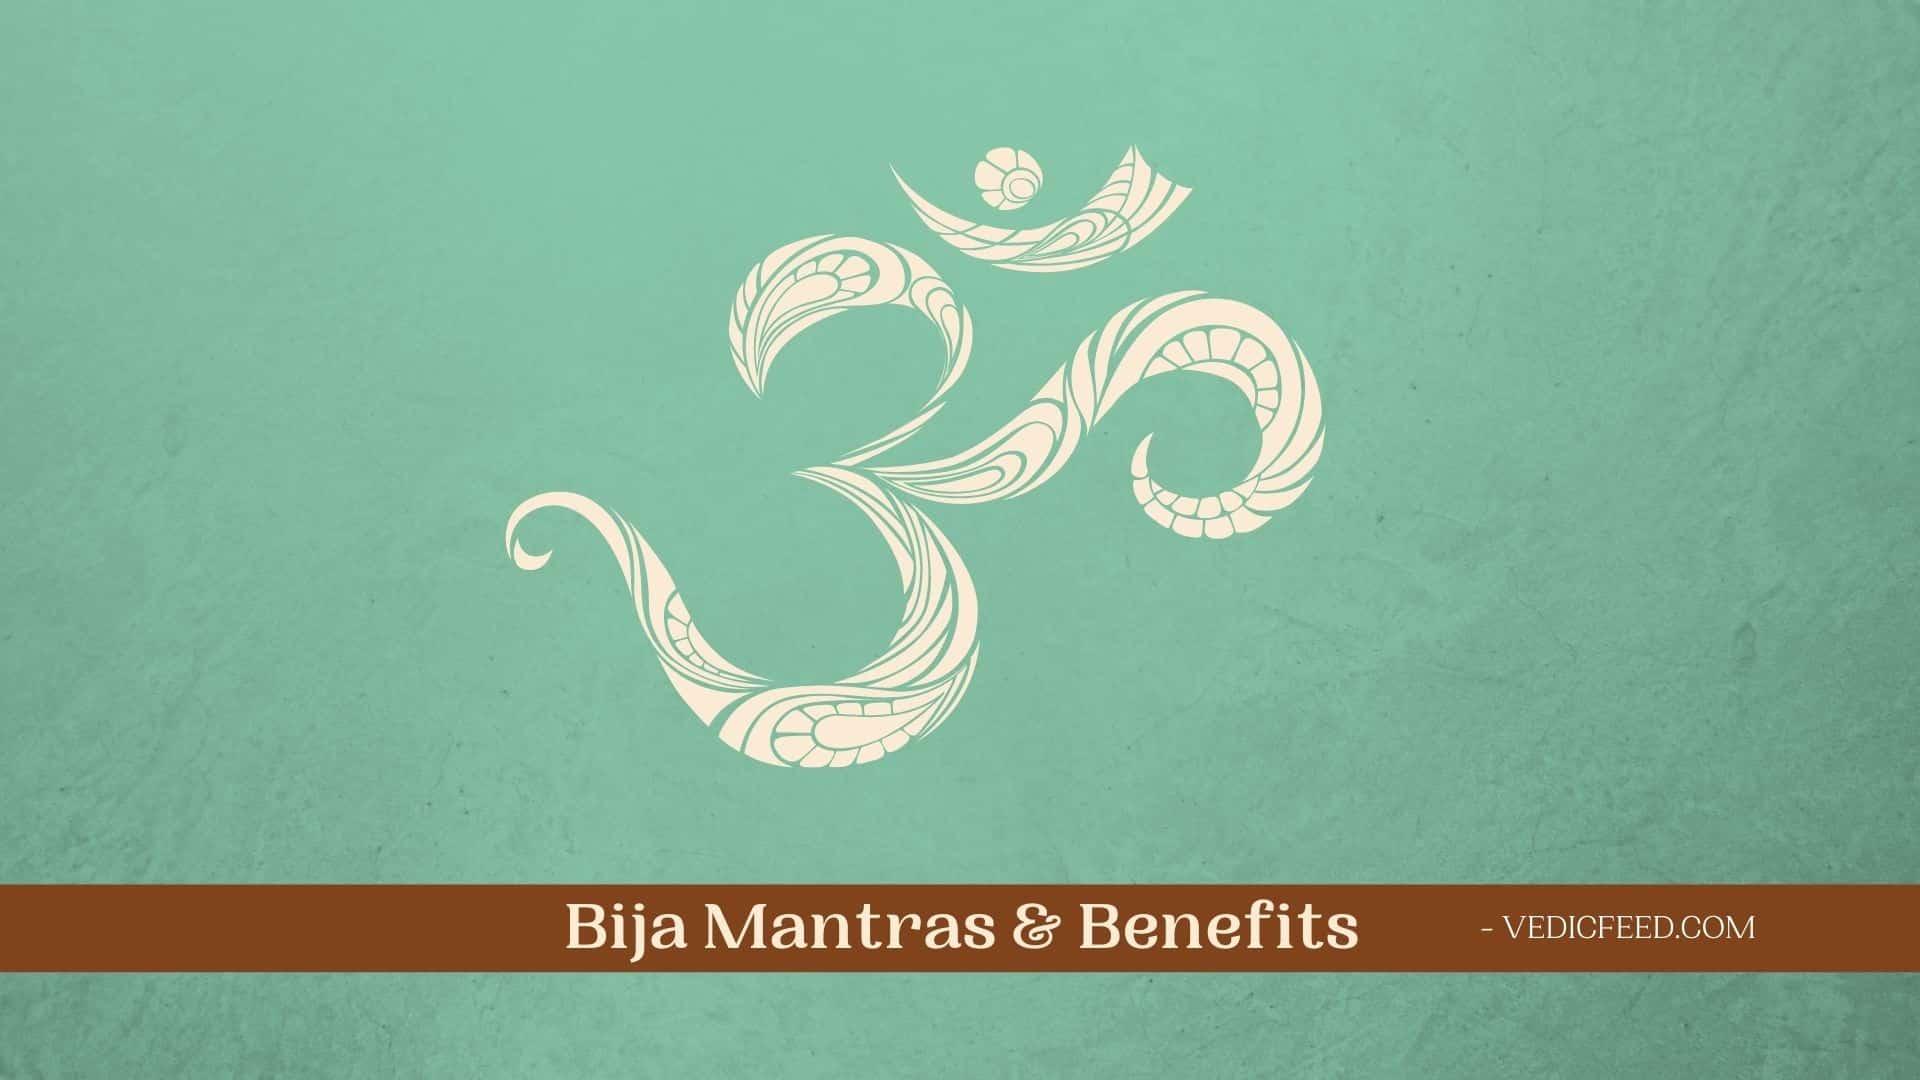 Bija Mantras & Benefits